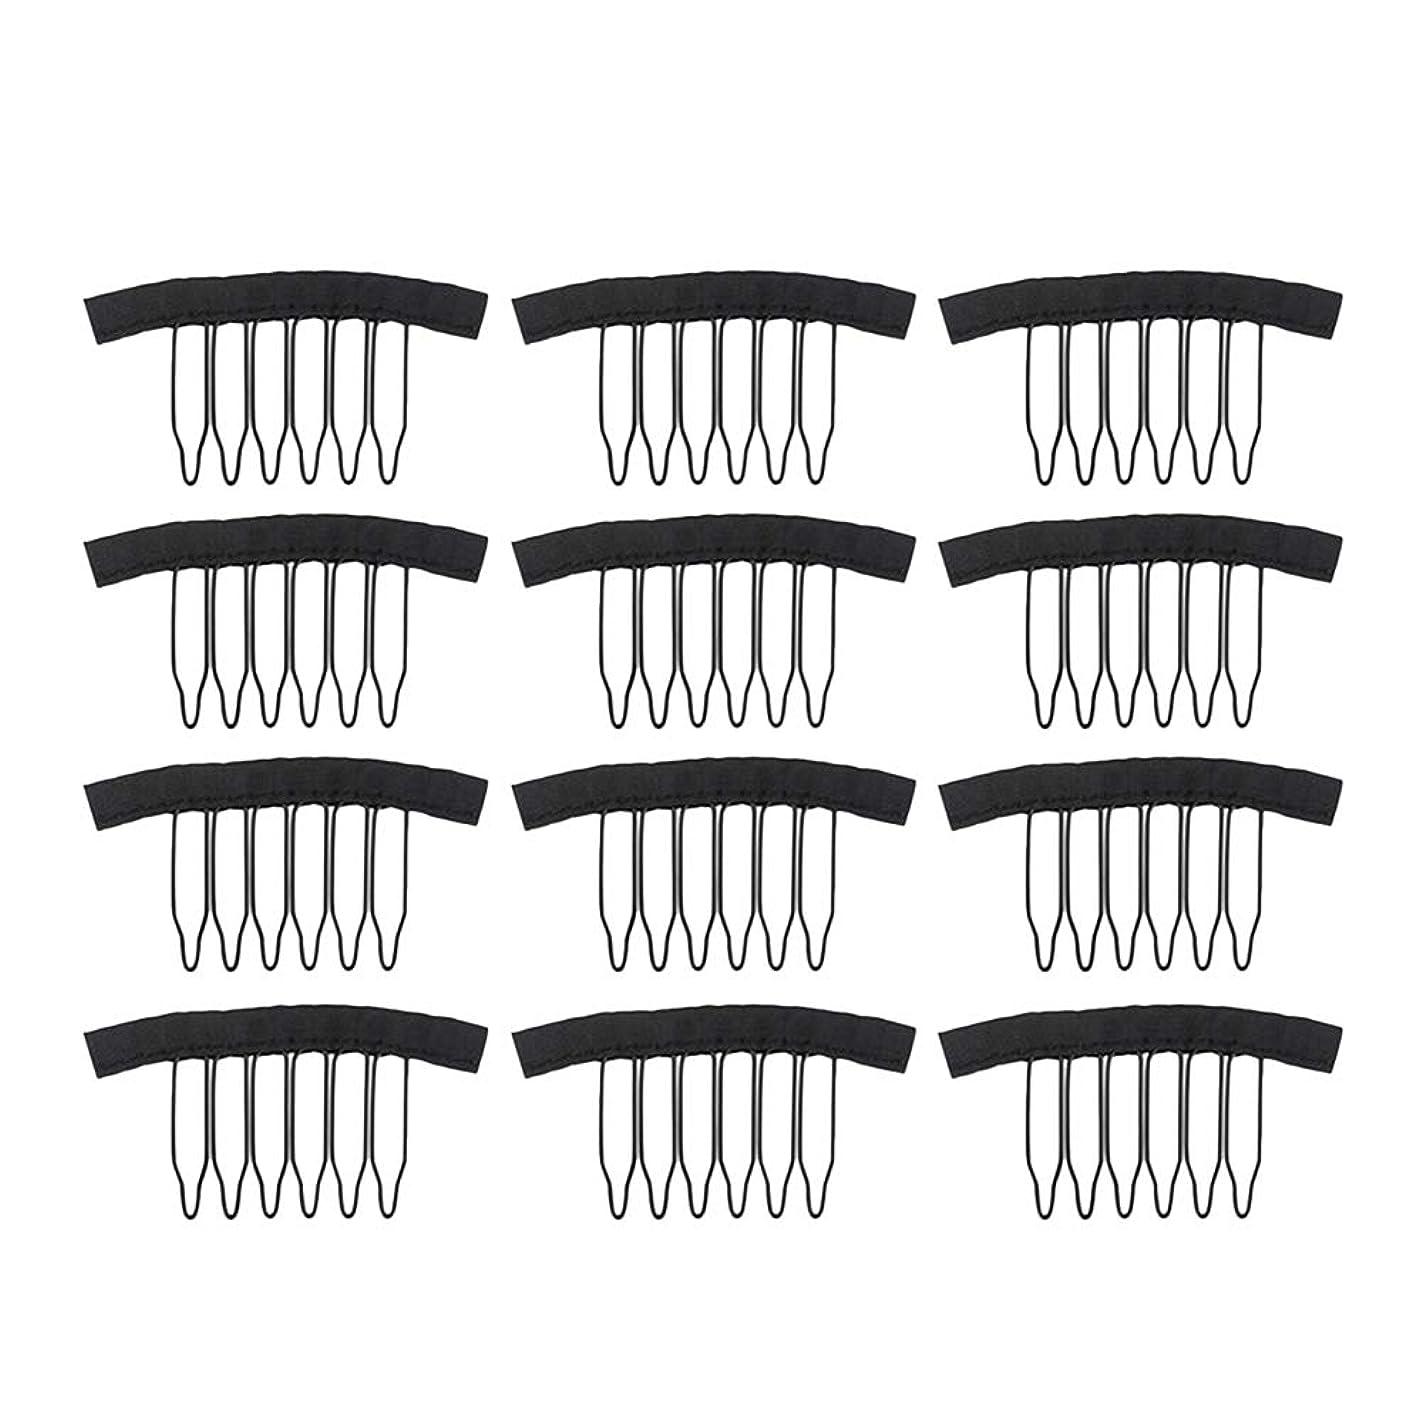 アンカー施設車両Frcolor 12PC ウィッグ かつらピン ウィッグネットキャップクリップステンレススチール 女性用ウィッグアクセサリー(ブラック)